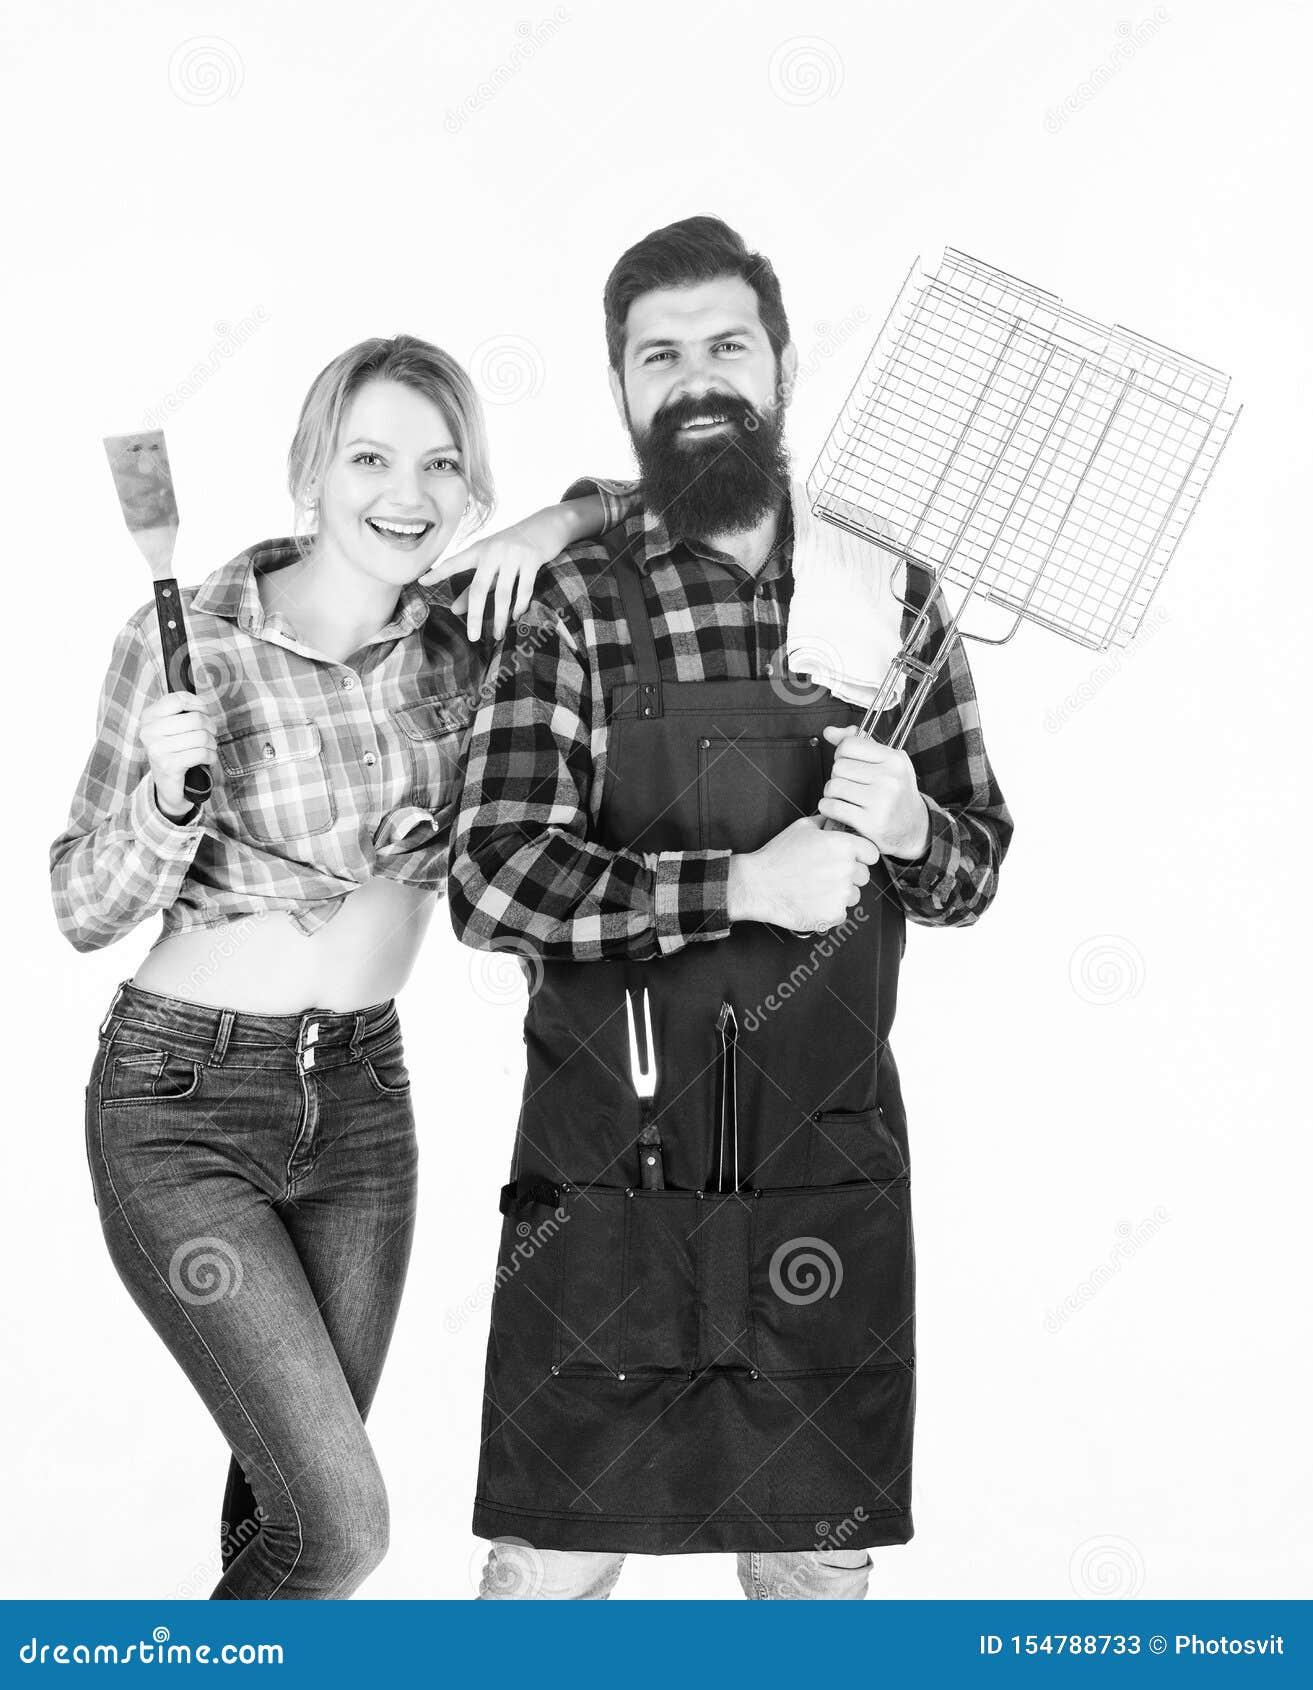 Godendo del fine settimana piacevole insieme Coppie in utensili della cucina della tenuta di amore Strumenti per la torrefazione